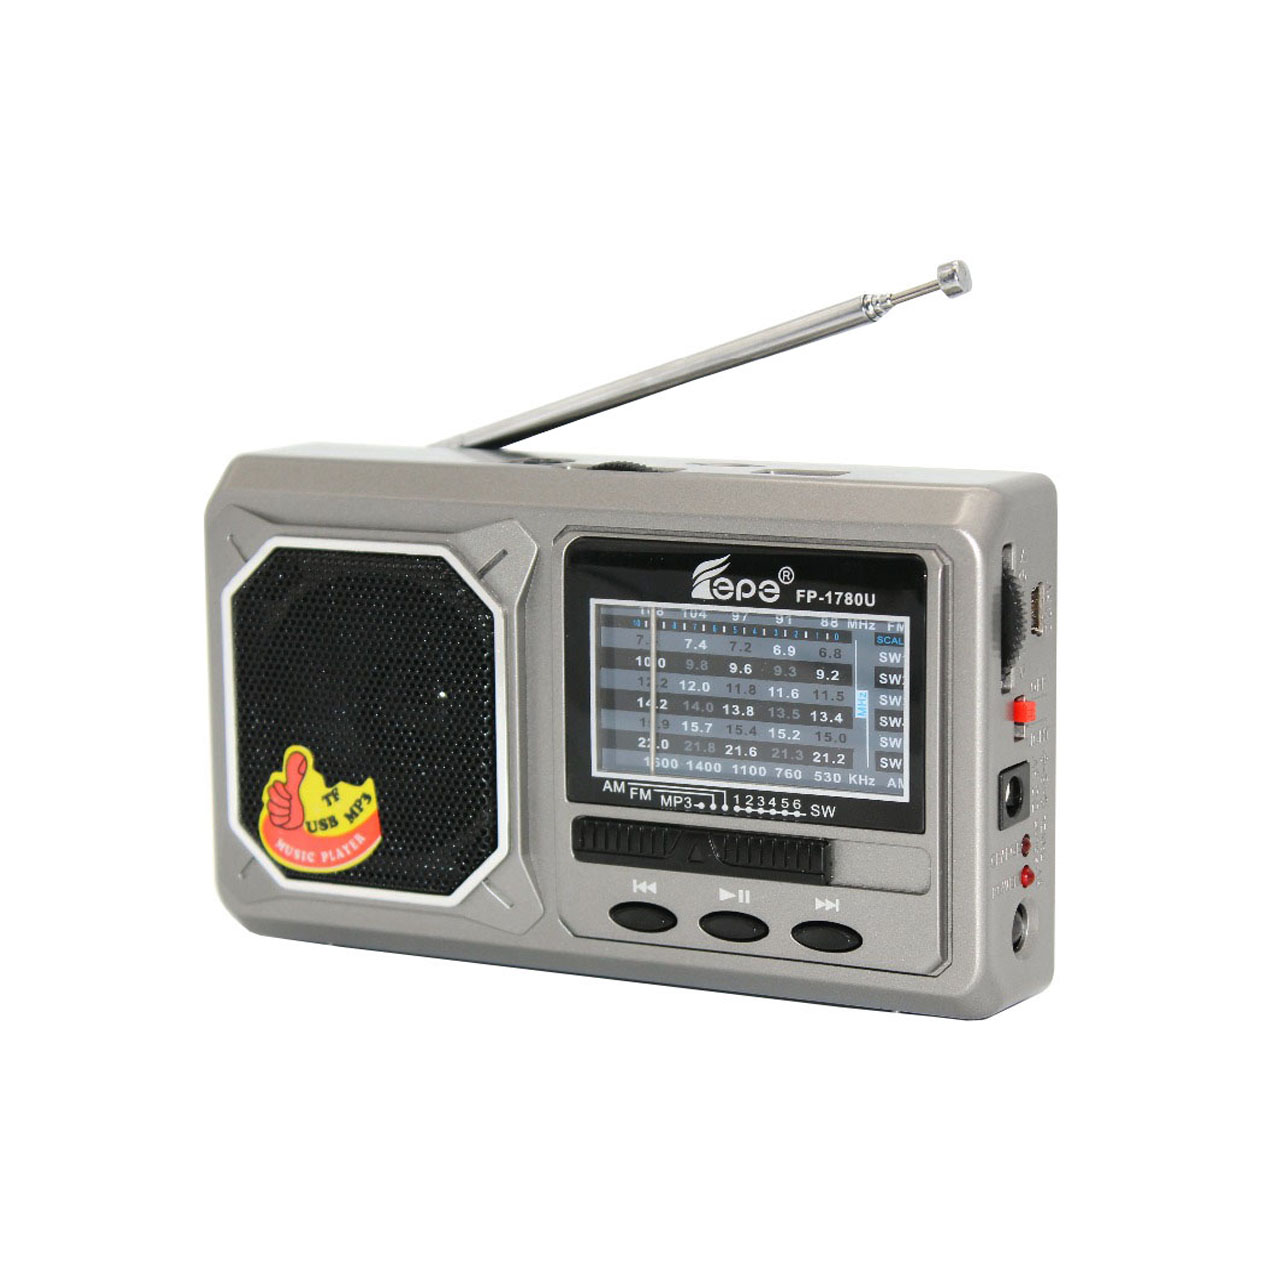 رادیو ای پی مدل TBFP1780